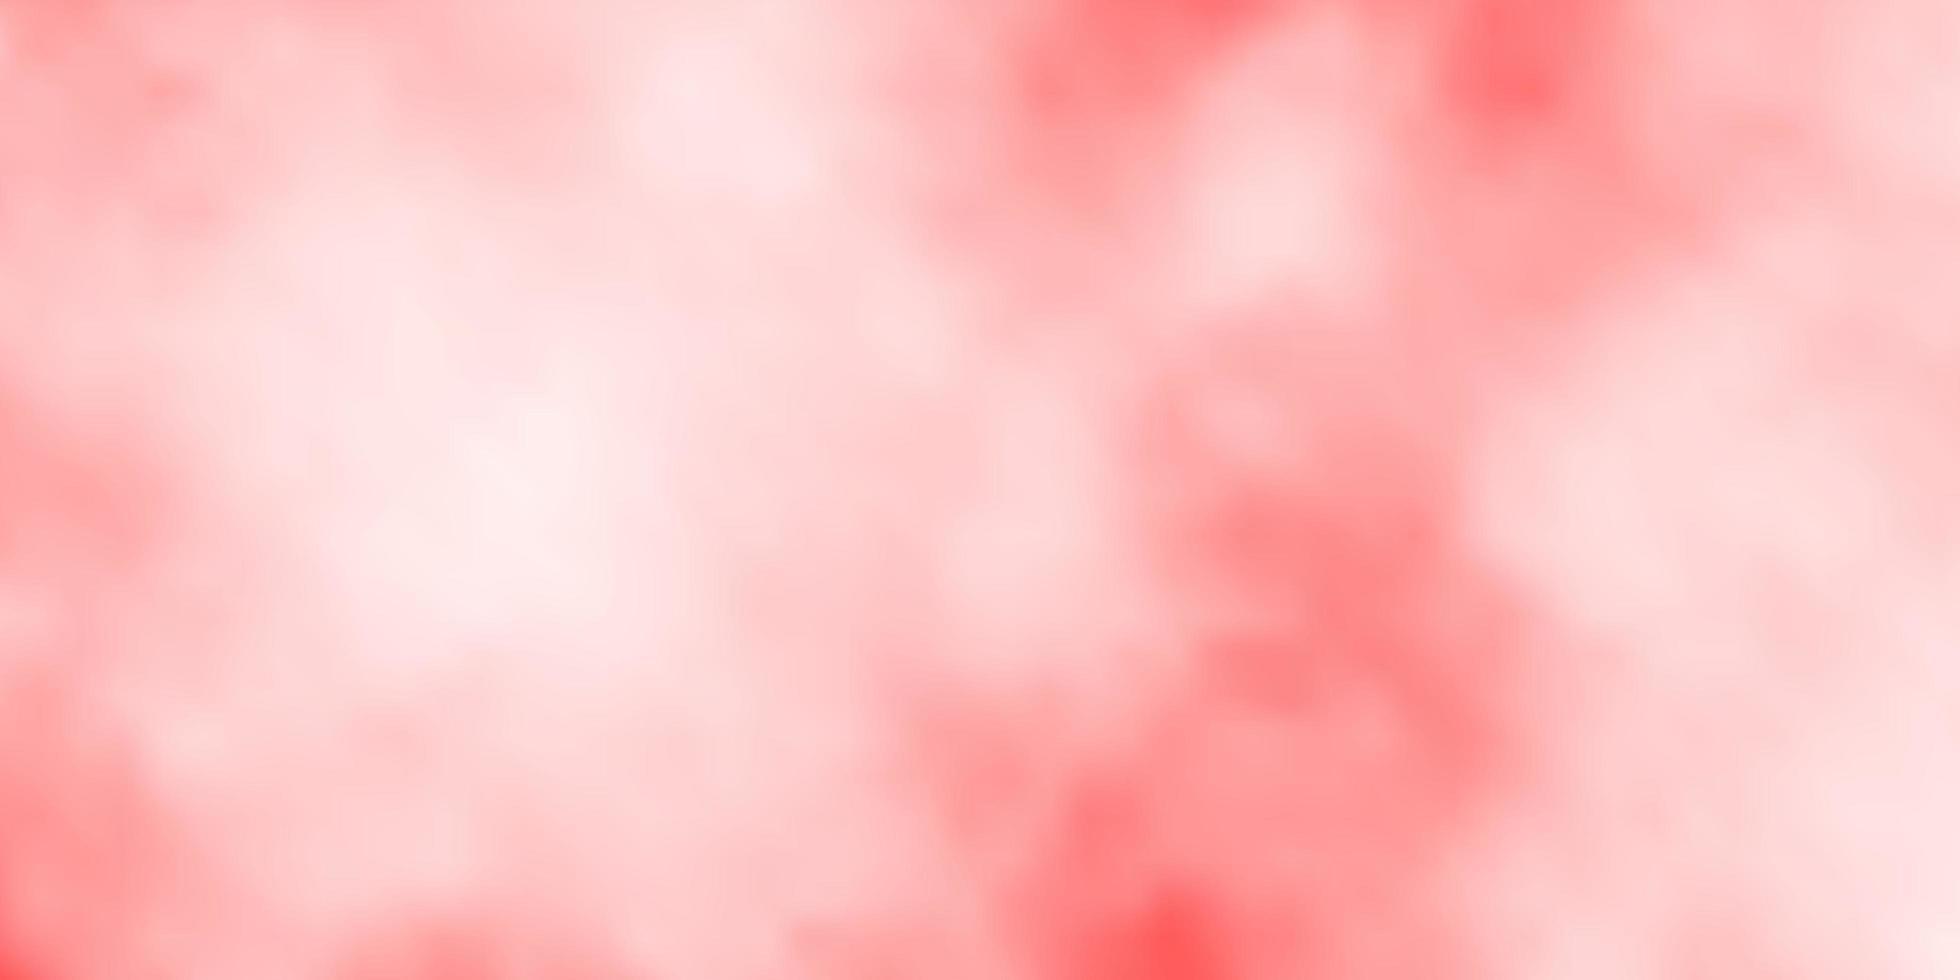 ljusröd vektorbakgrund med moln. vektor